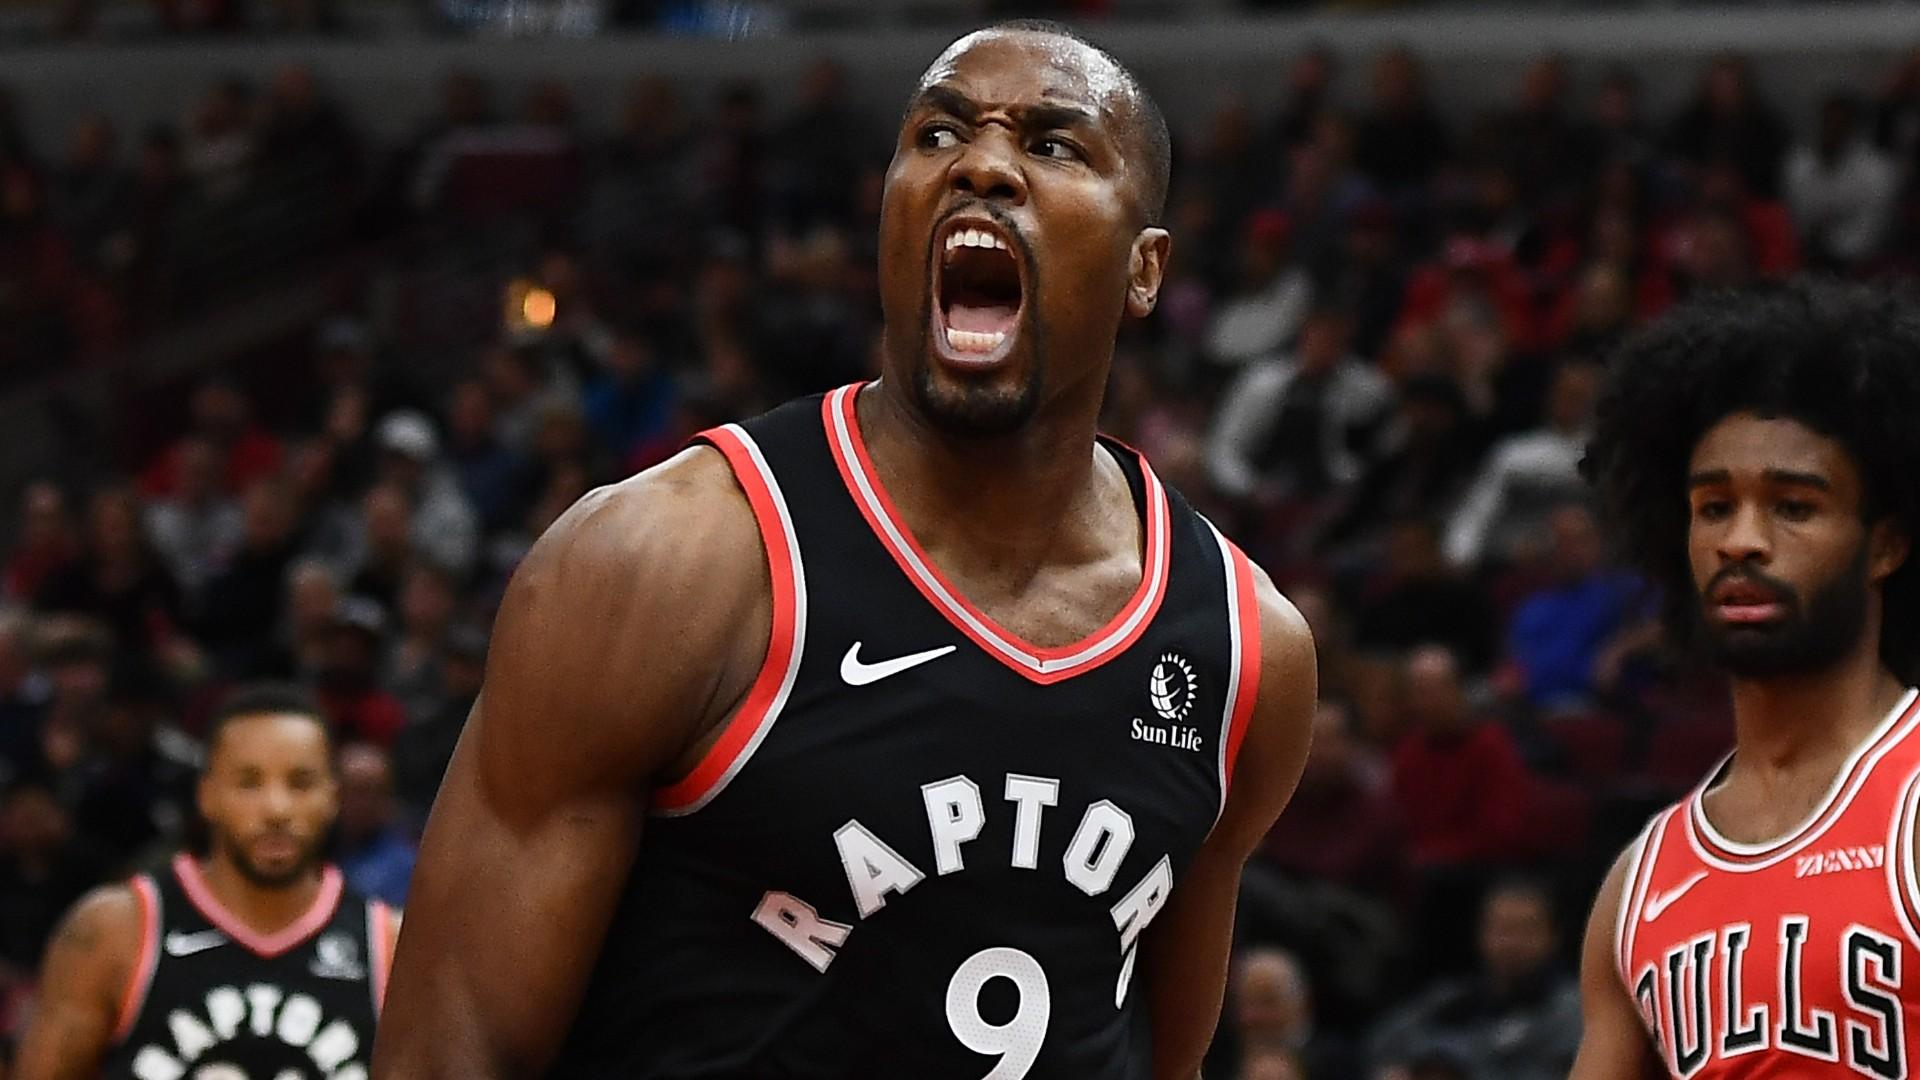 Serge Ibaka injury update: Toronto Raptors center unlikely to play against Atlanta Hawks